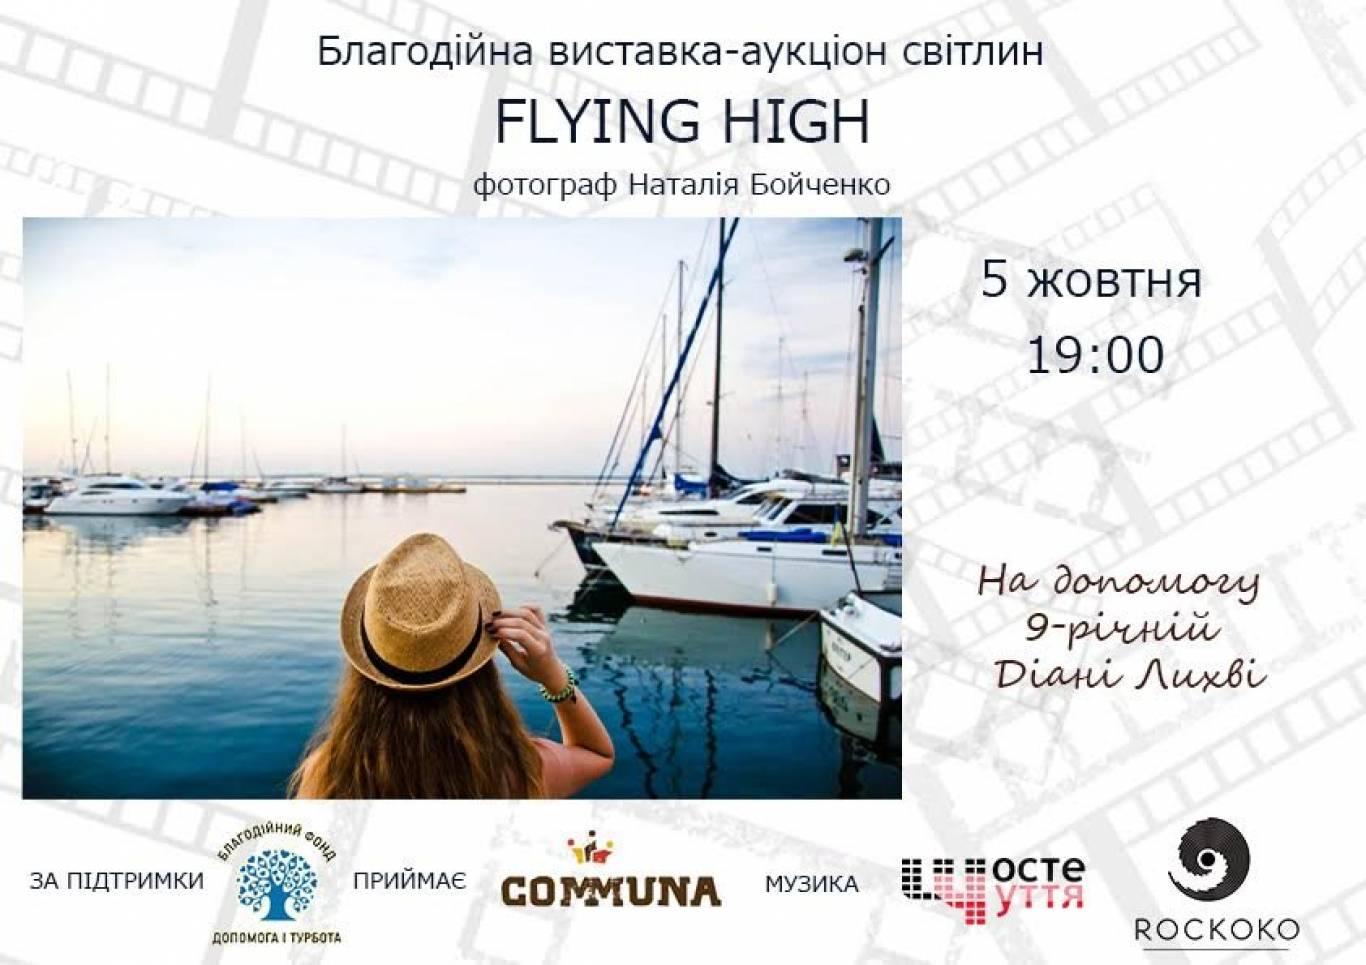 Благодійна виставка-аукціон фотографій Flying high